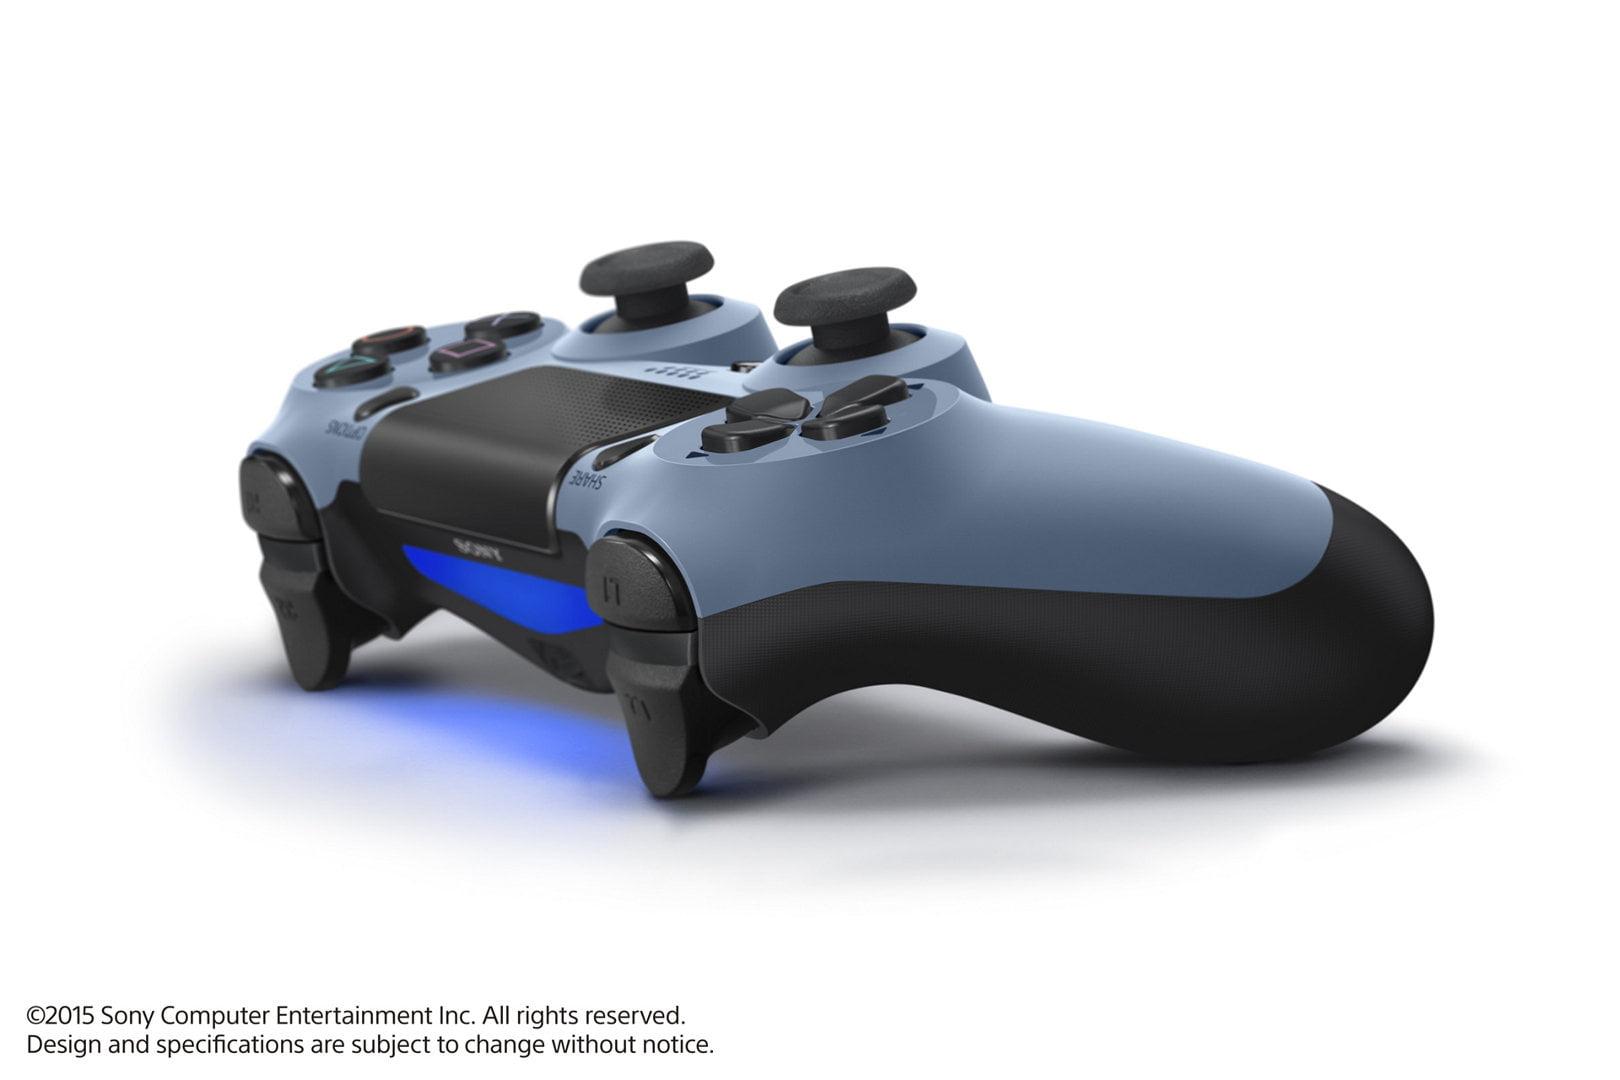 La manette de la PS4 édition collector Uncharted 4